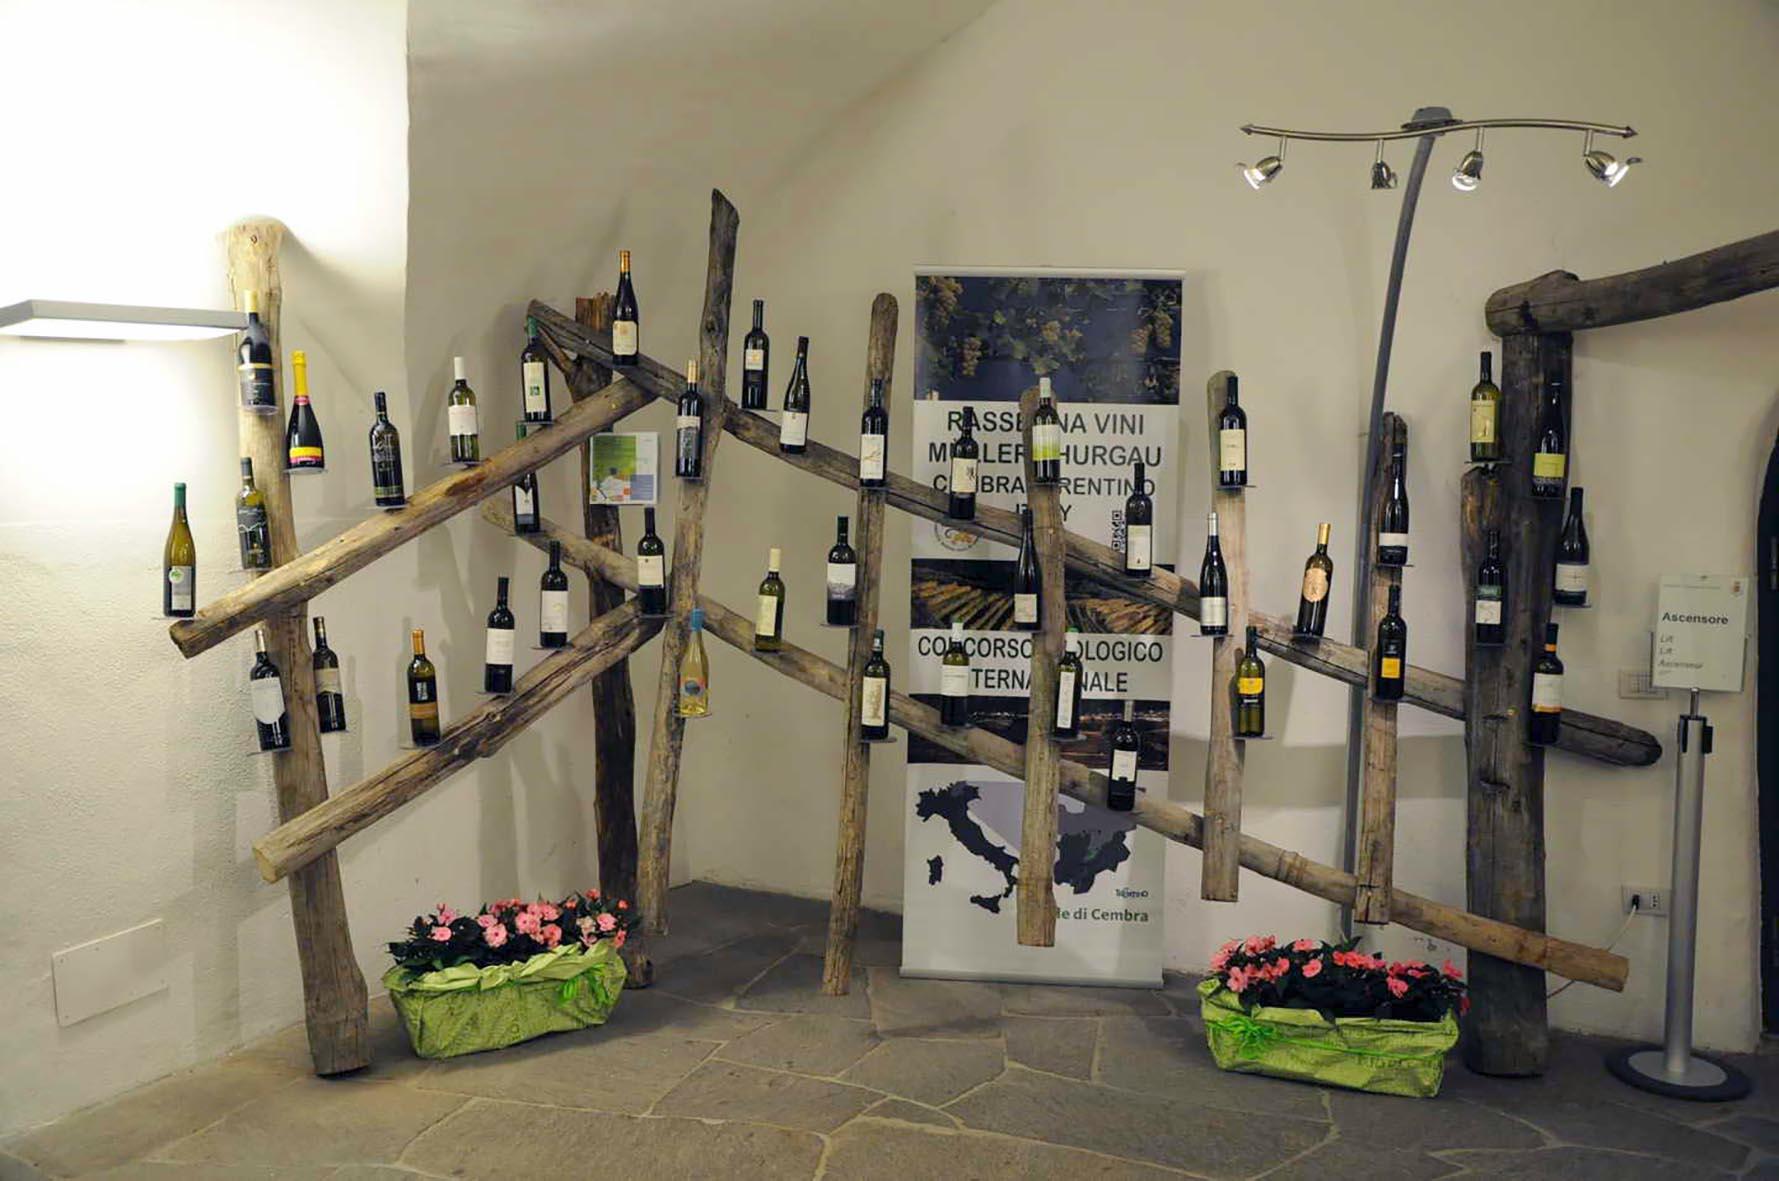 28 Rassegna Vini Muller Thurgau 2015 vini in esposizione 2